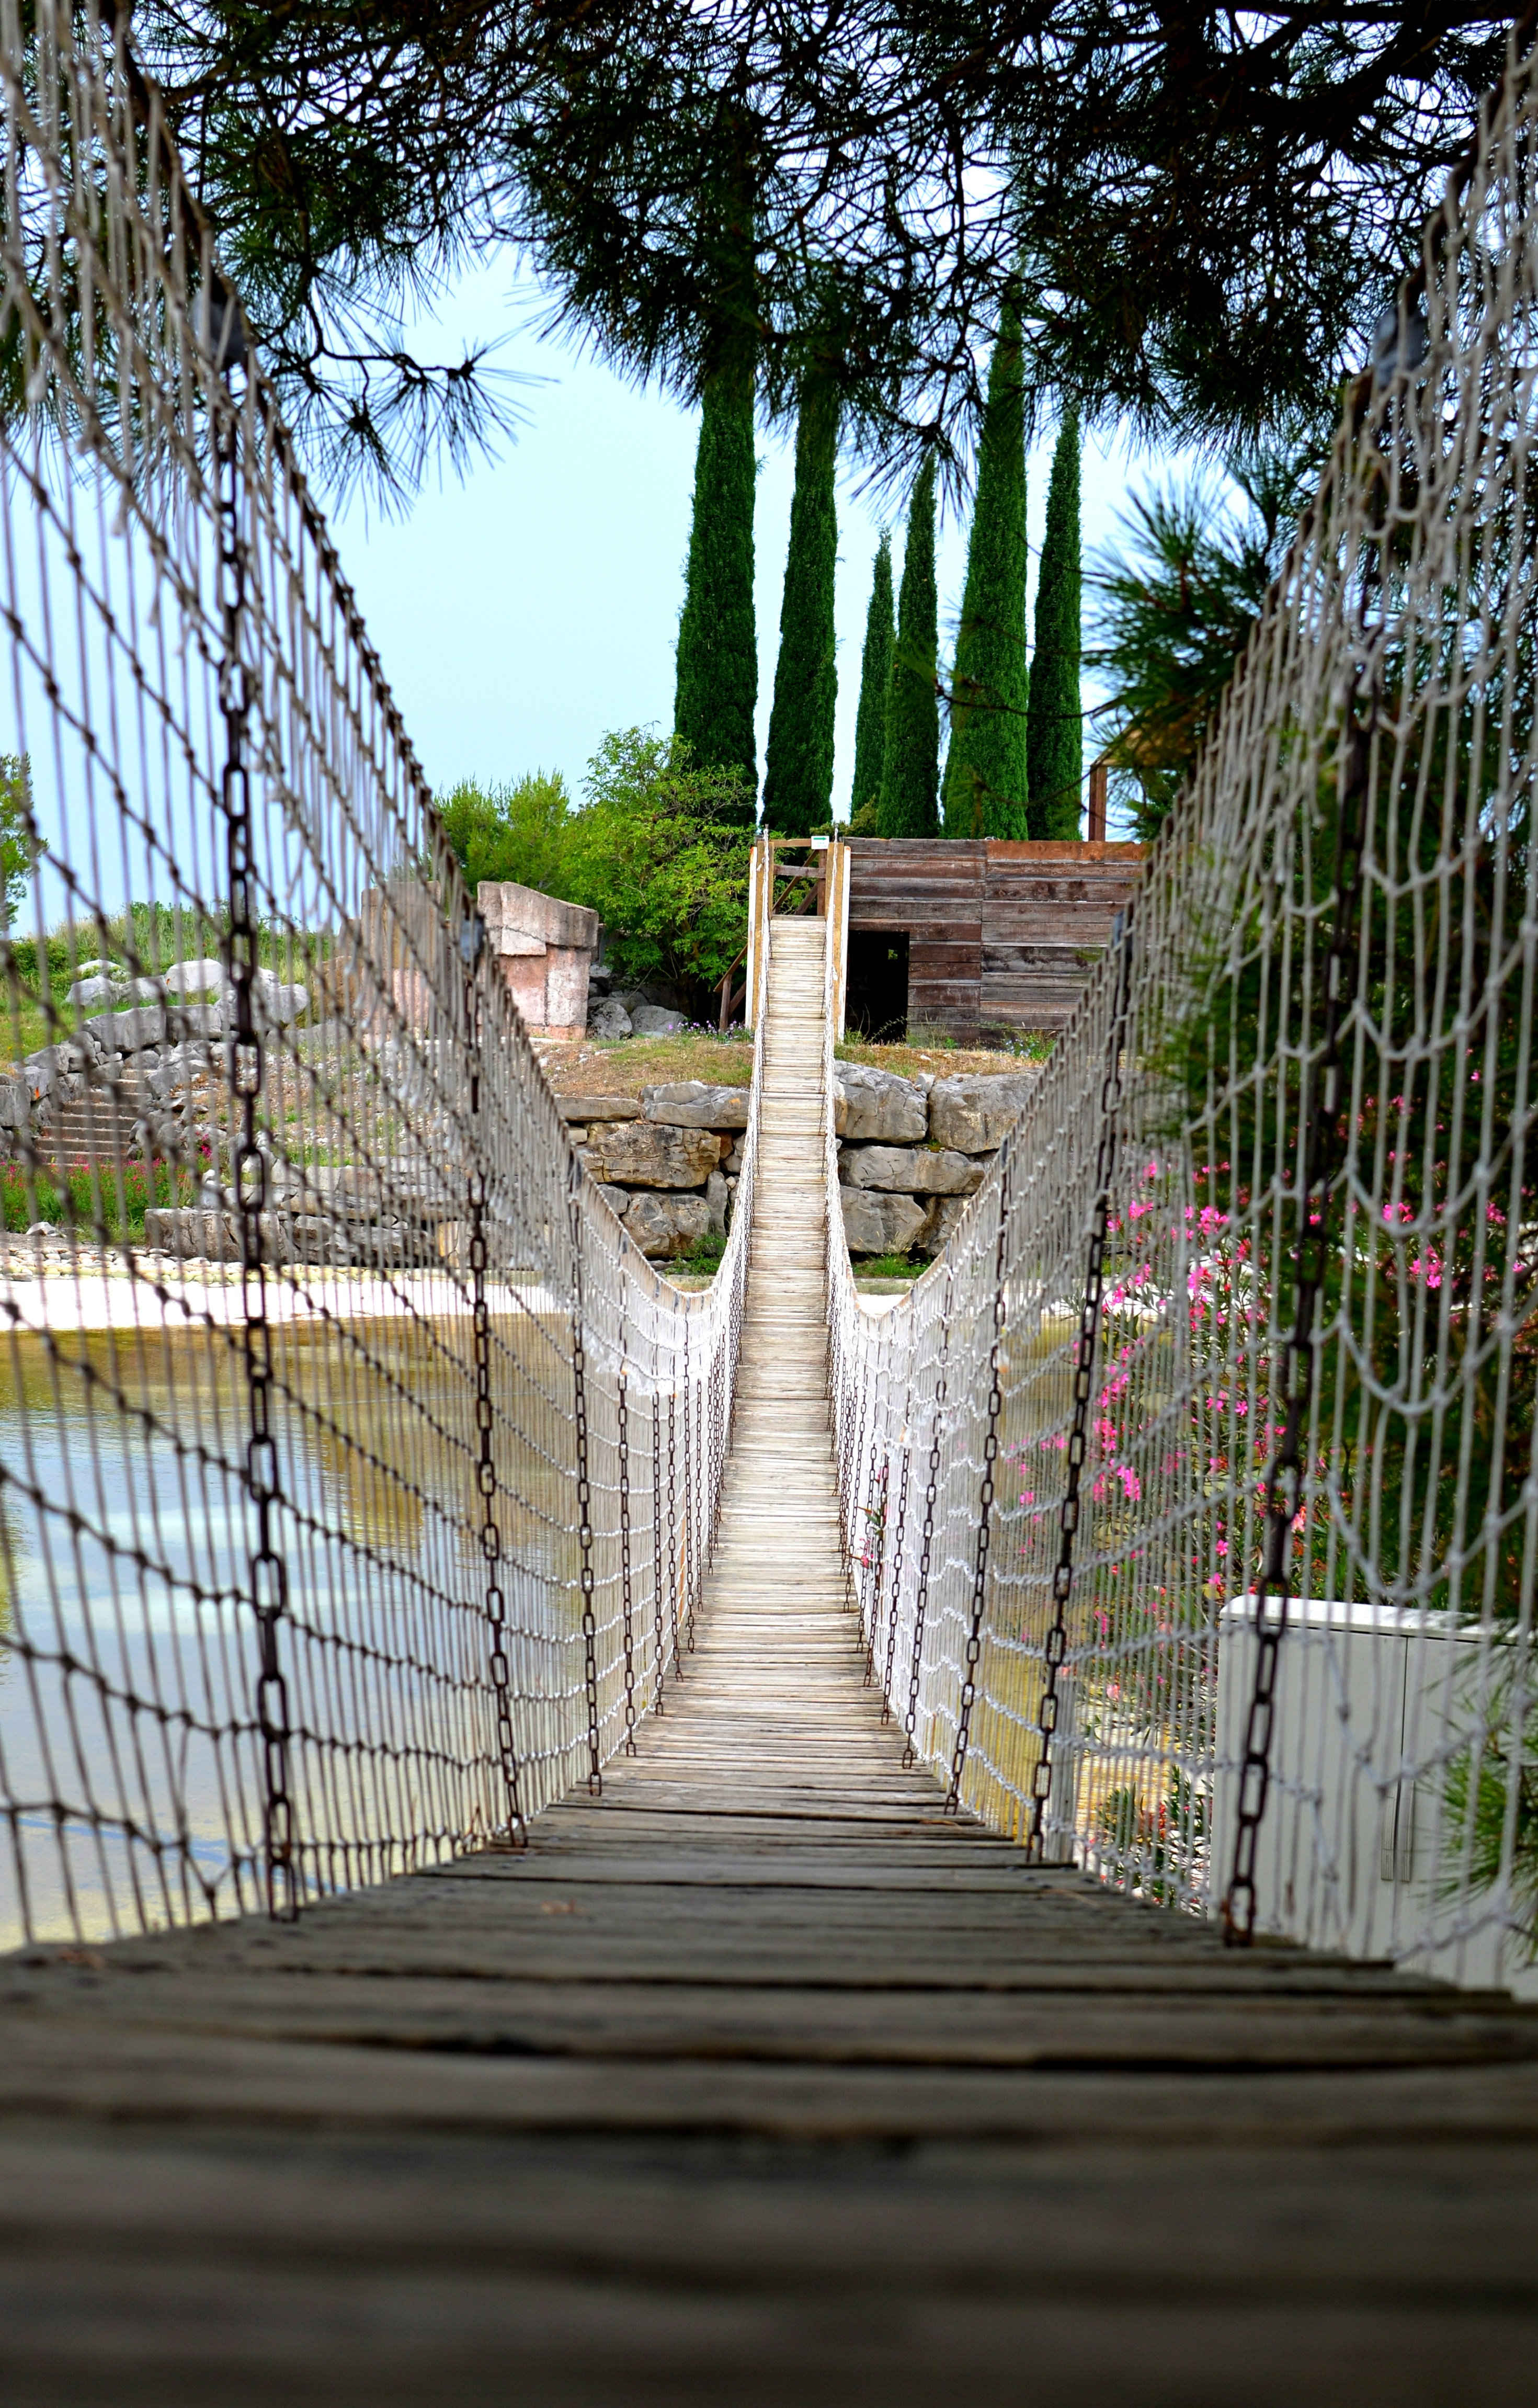 pont suspendu parc de loisirs à vendre